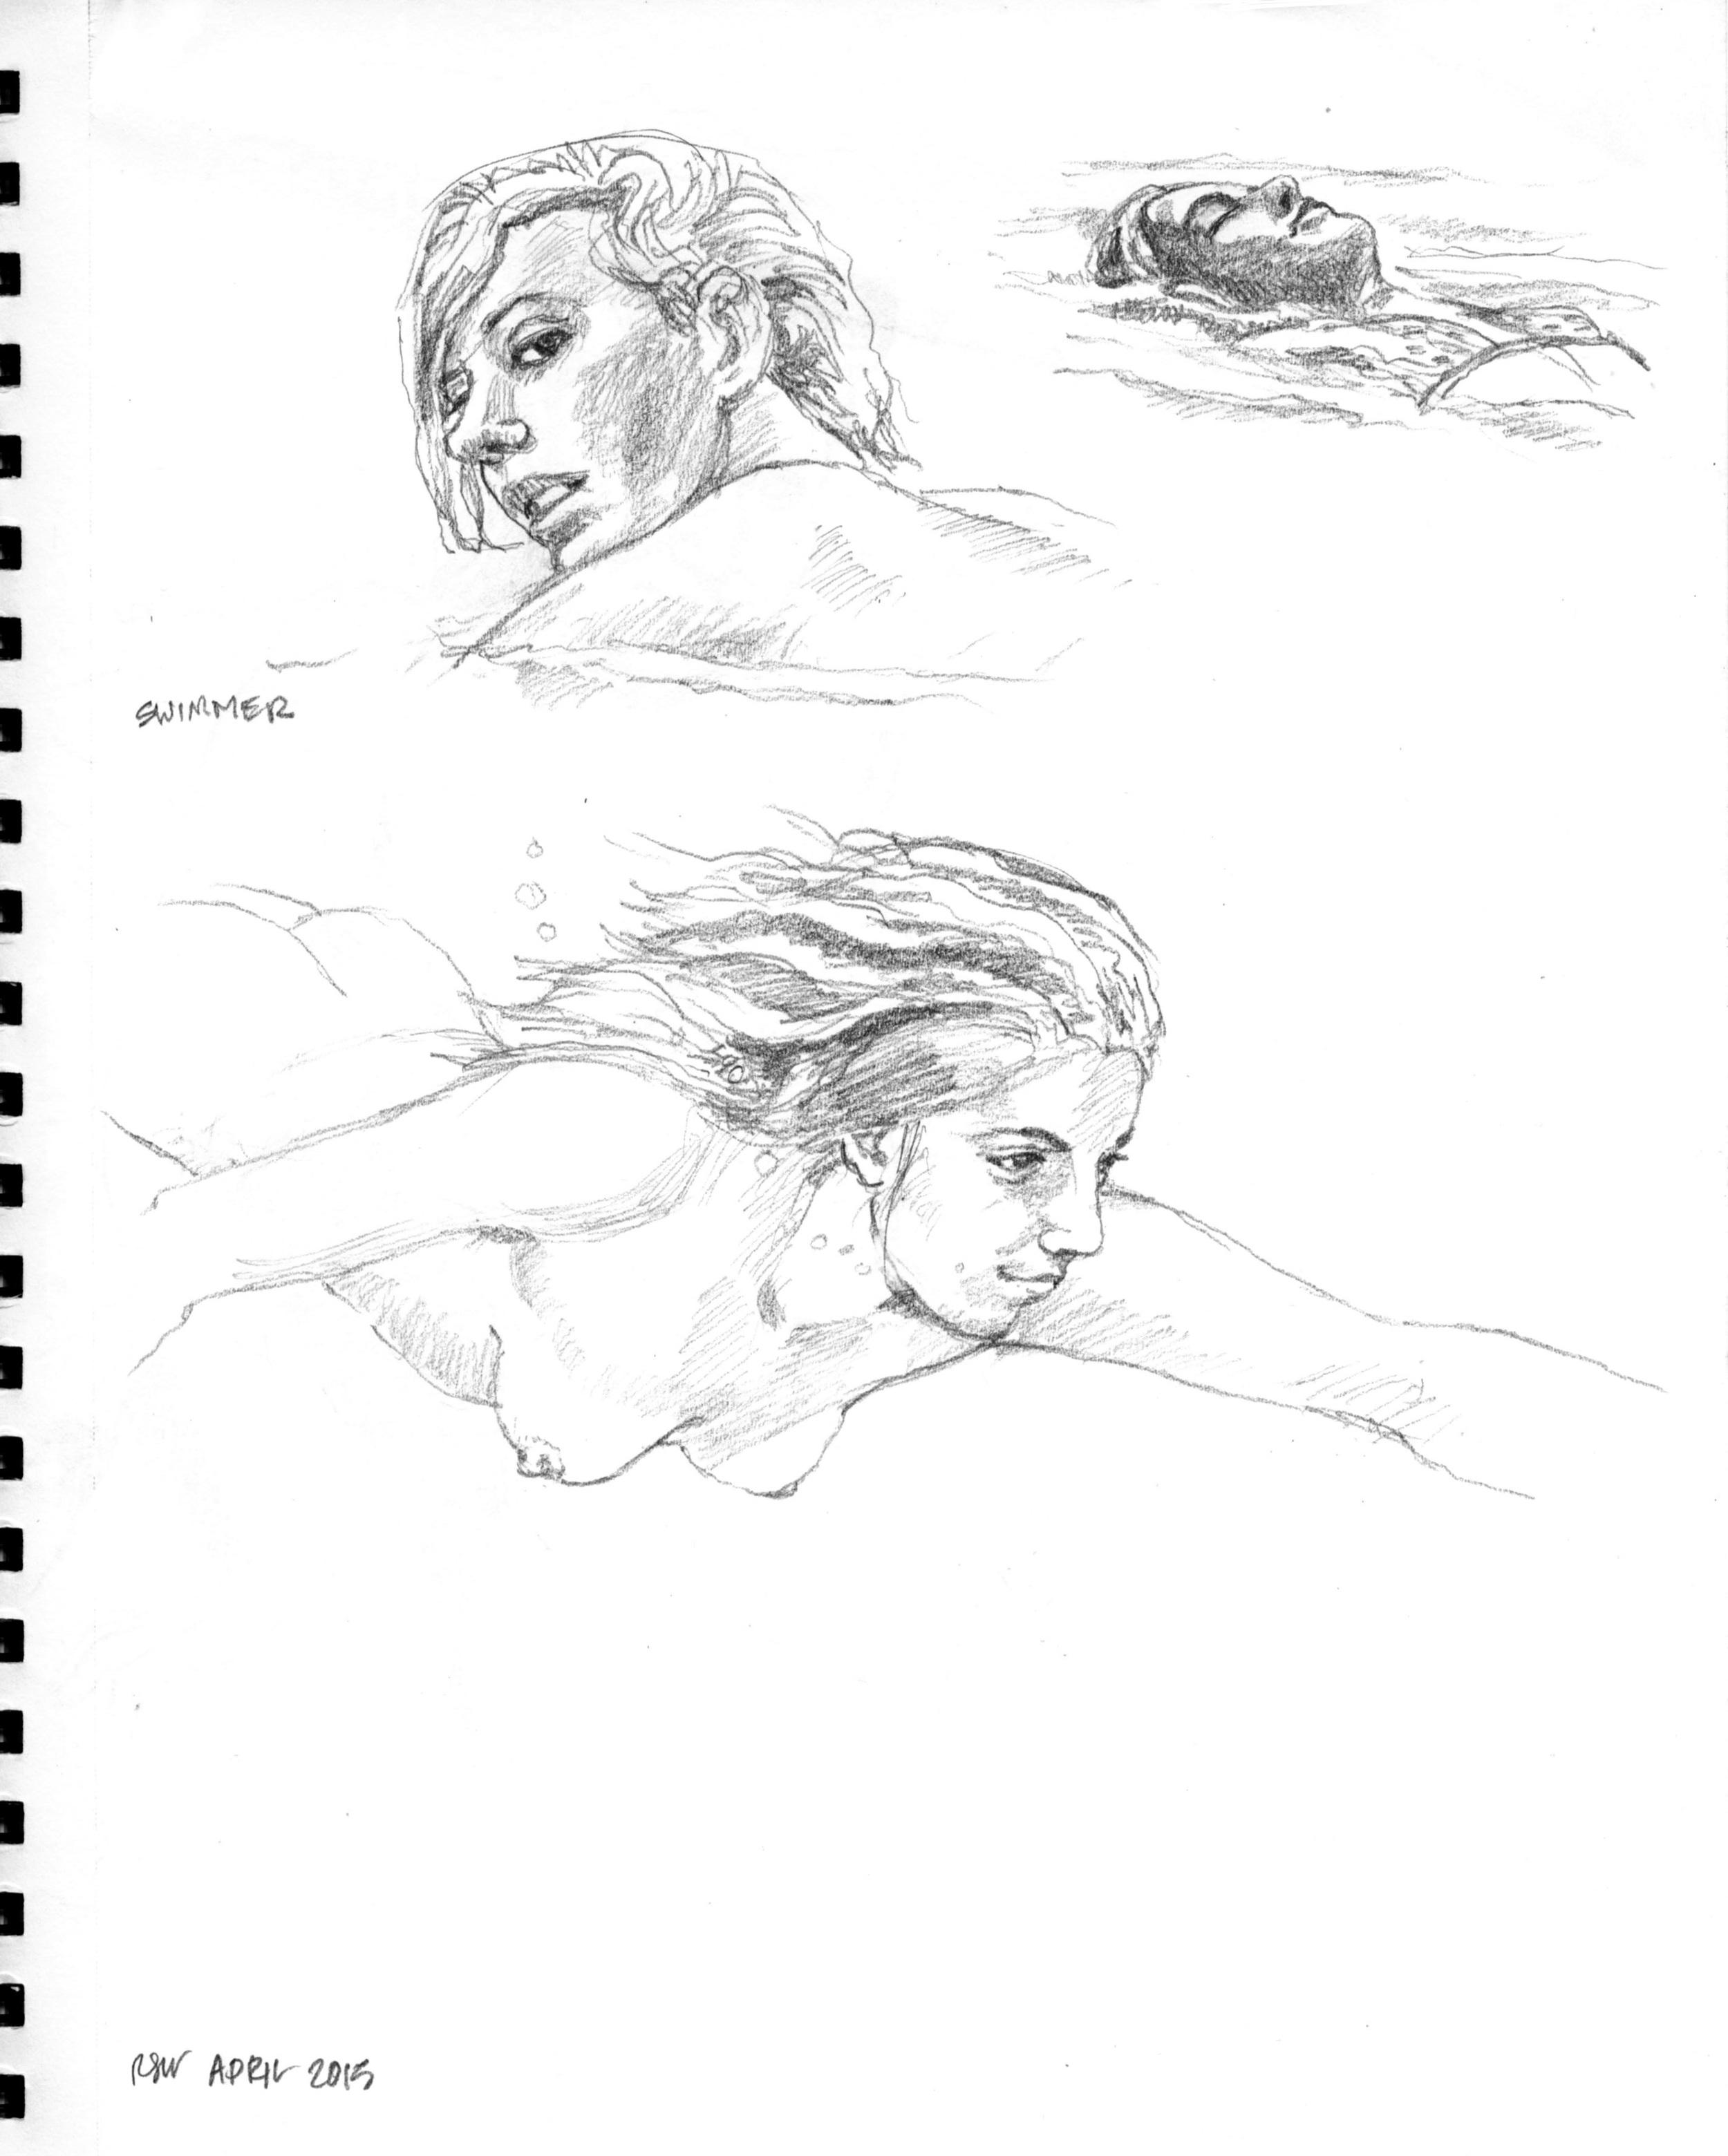 April May 2015 sketches